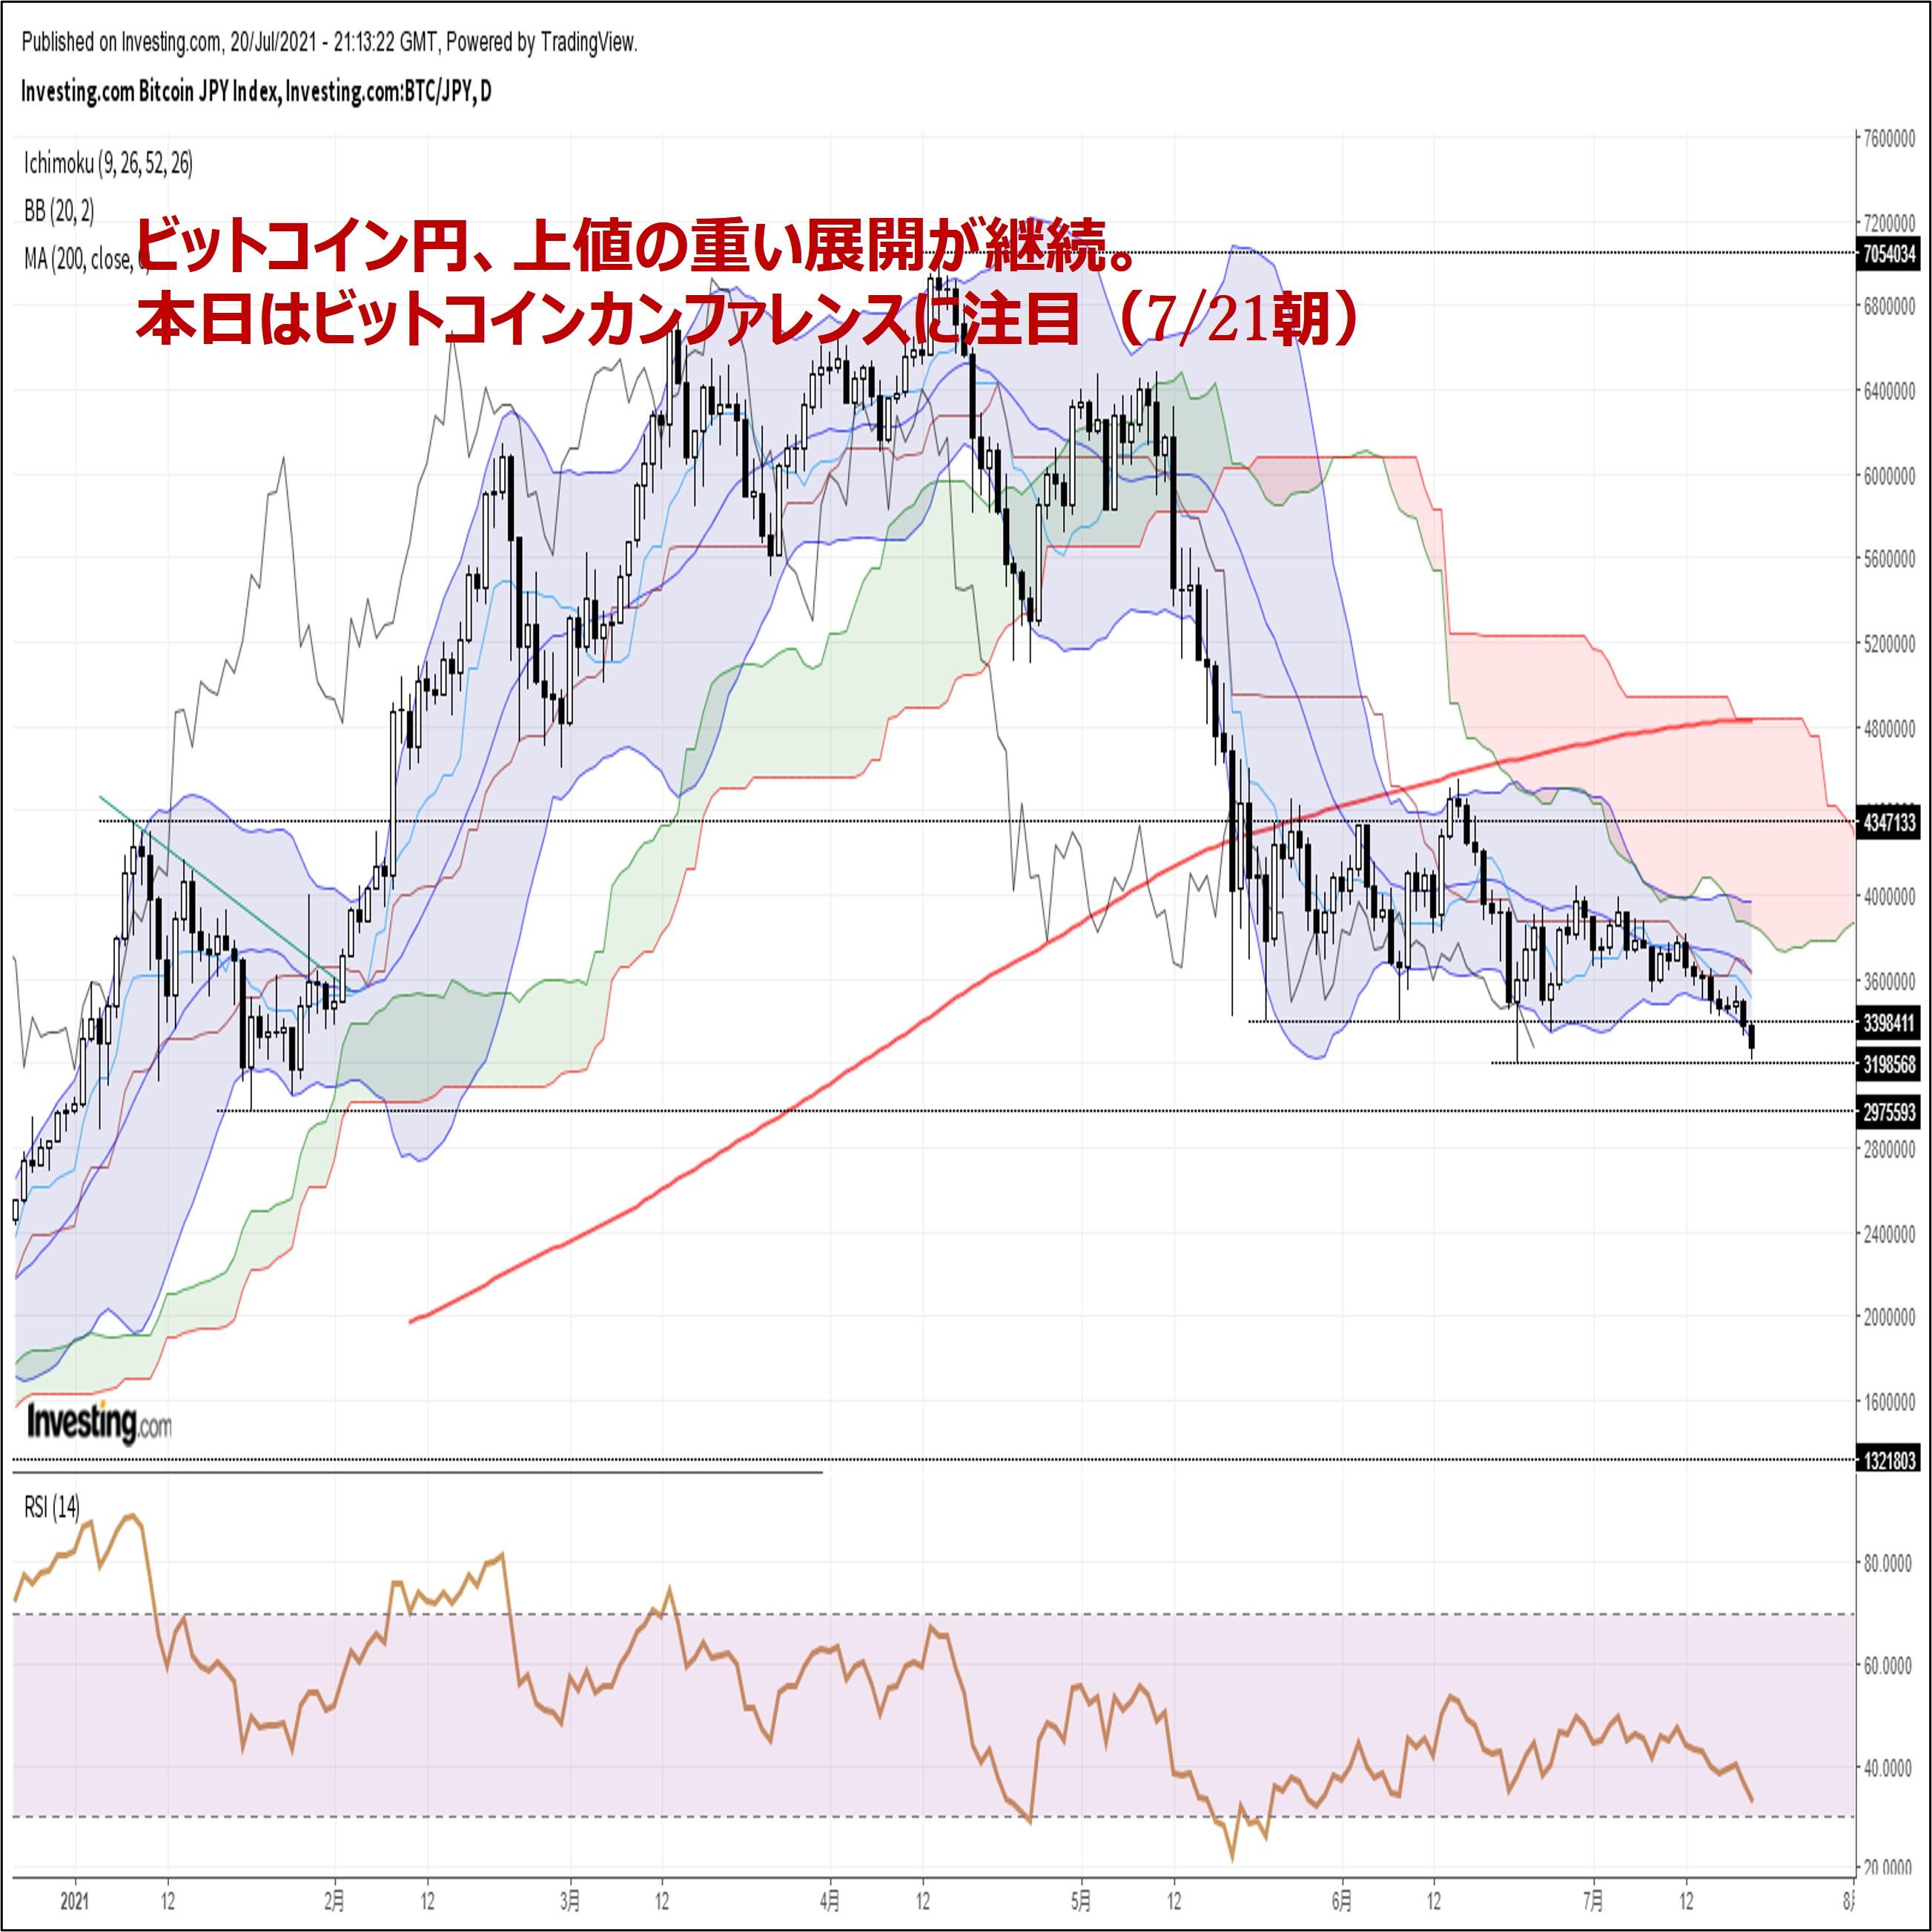 ビットコイン円、上値の重い展開が継続。本日はビットコインカンファレンスに注目(7/21朝)